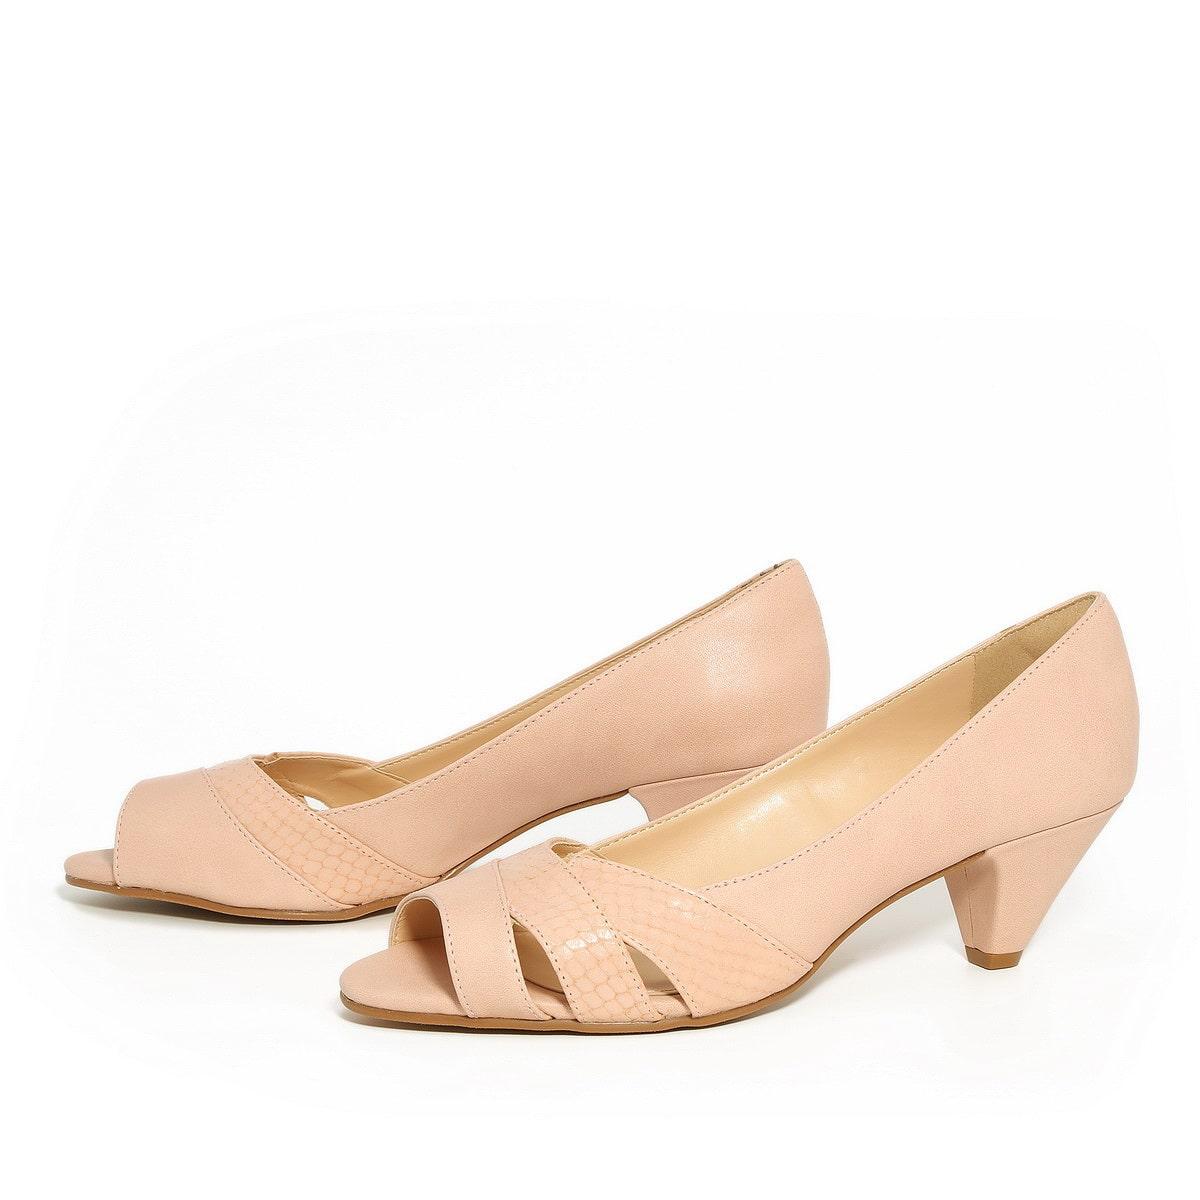 דגם עינת: נעלי עקב בצבע ורוד